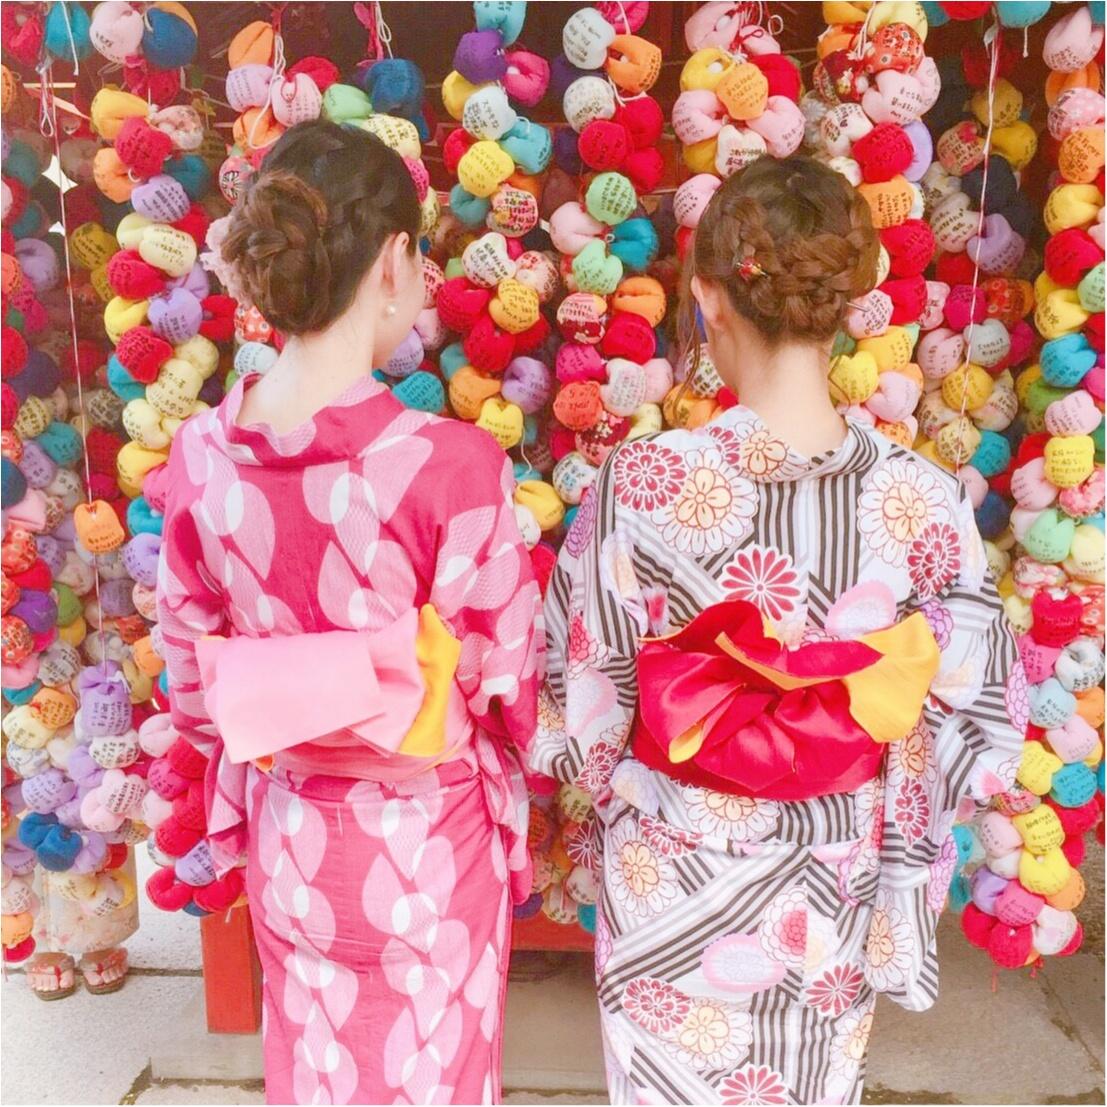 カラフルで可愛い♡ 京都にあるフォトジェニックなスポット《 八坂庚申堂 》って知ってる? おしゃれな写真のアイディア3選♡_4